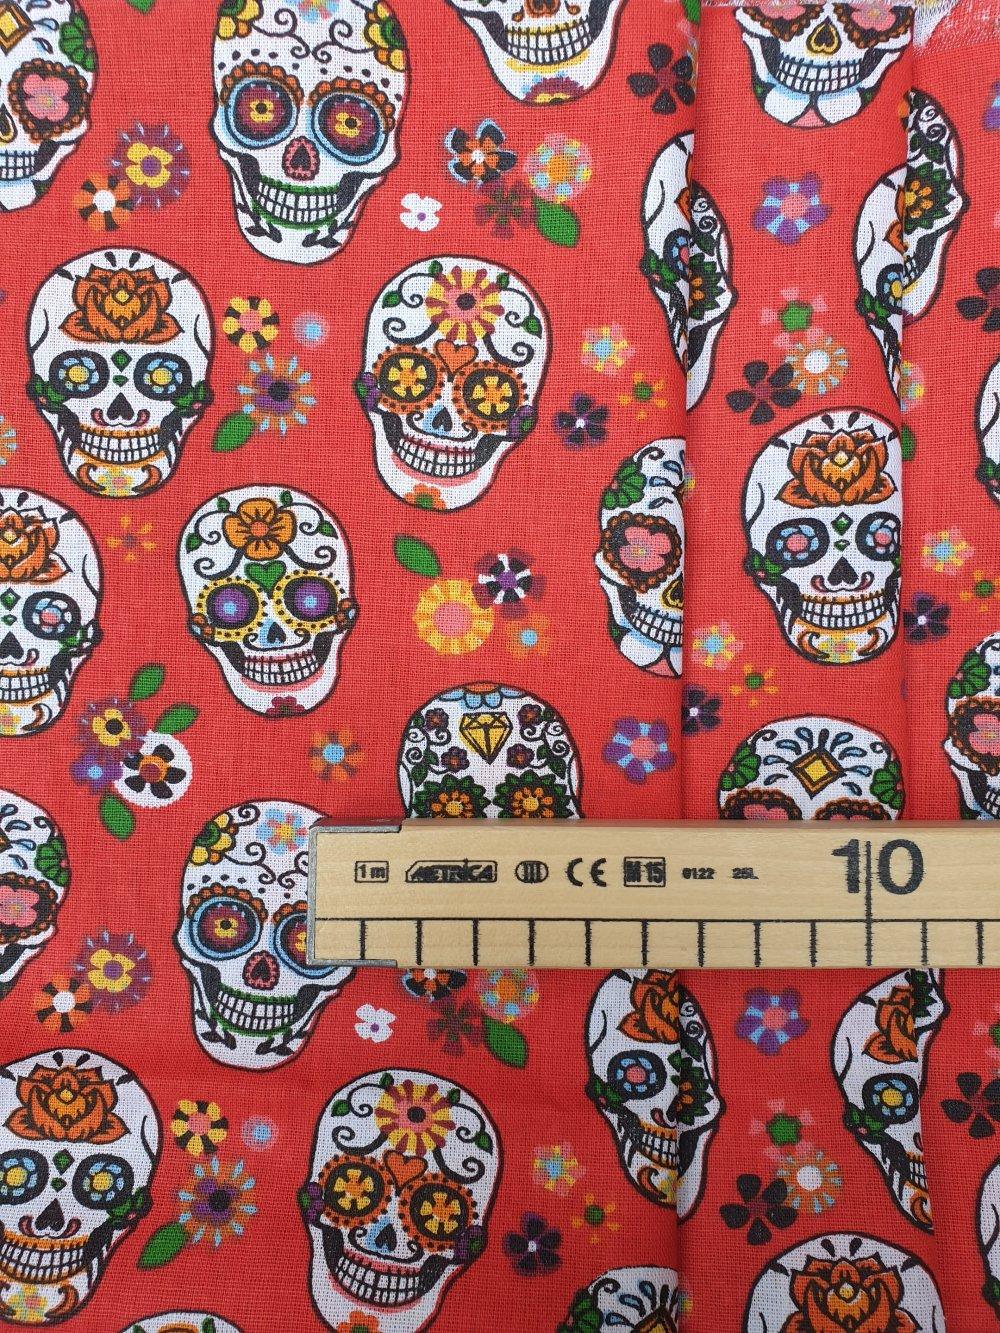 Tissu,coupon de tissu 50/75 cm, 100% coton, skull, tête de mort, crâne, calavera.